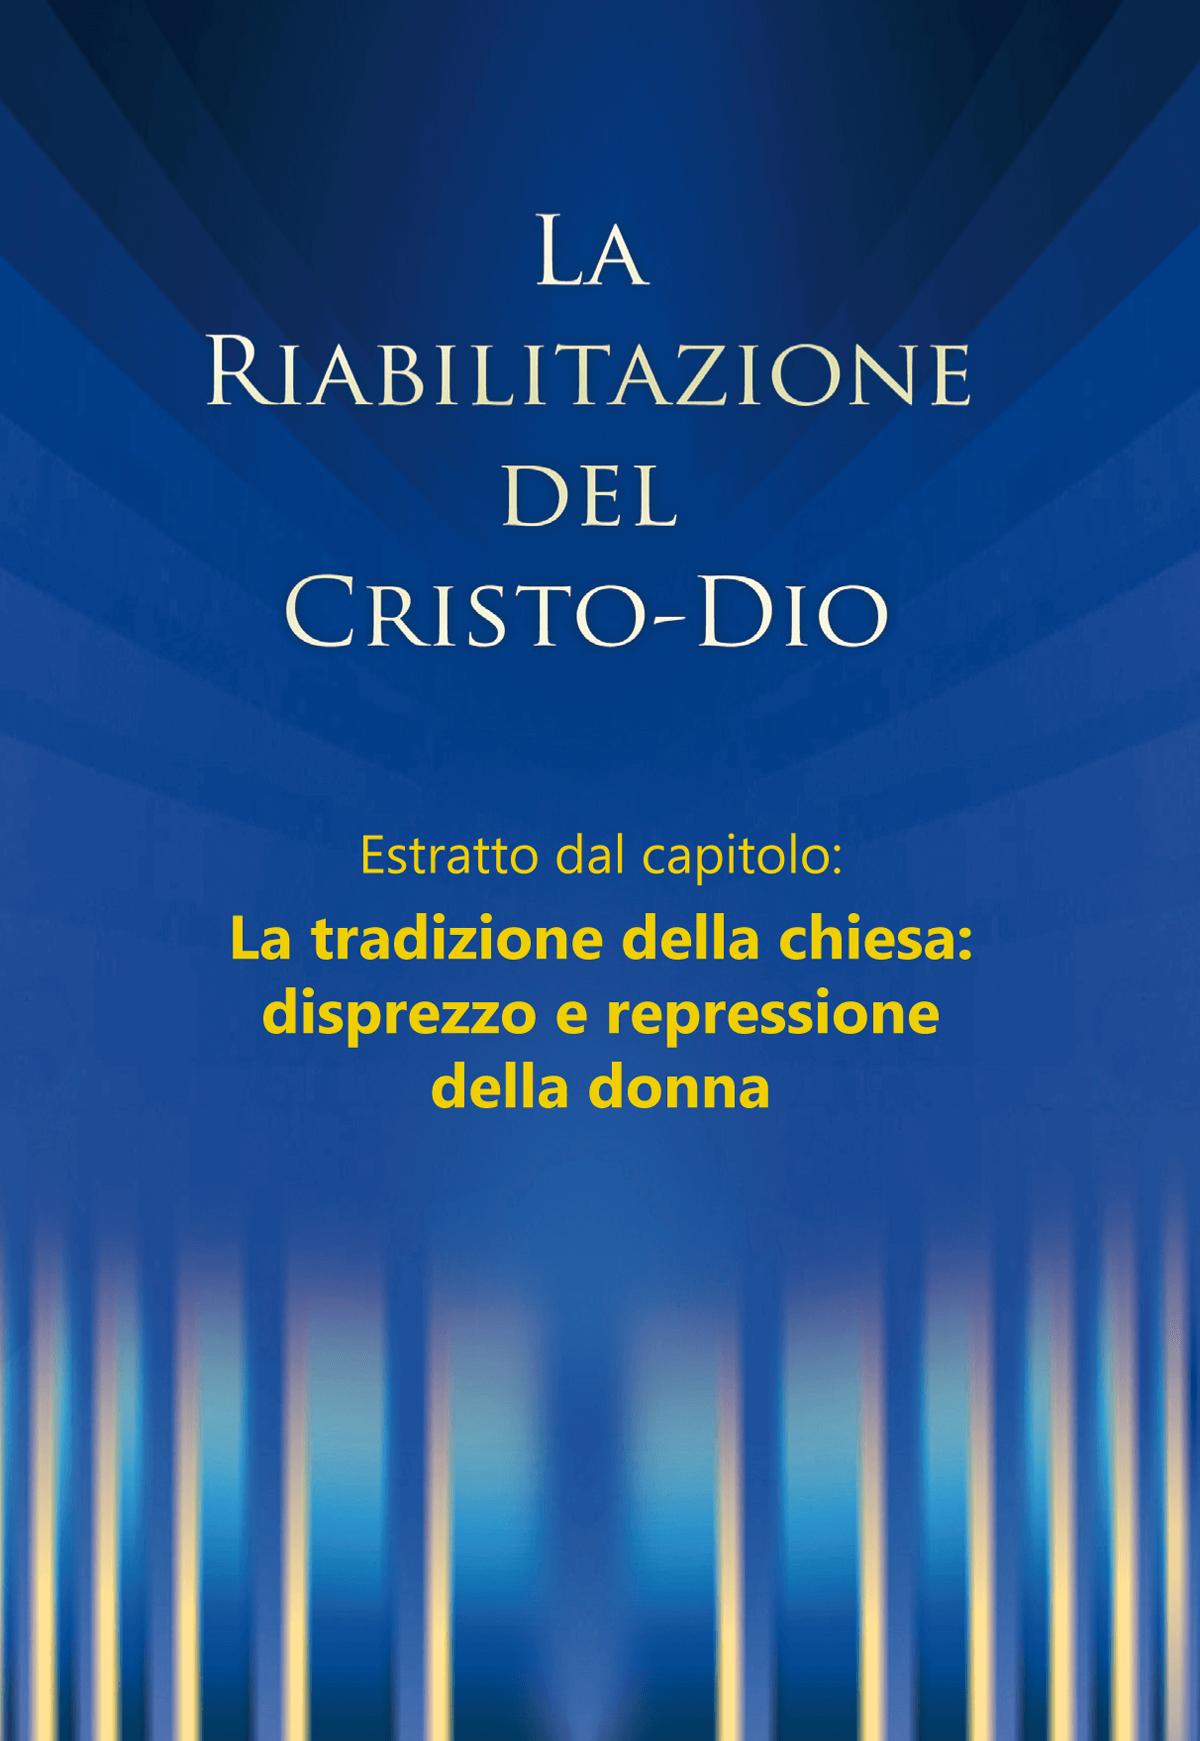 La riabilitazione - Estratto dal capitolo: Disprezzo e oppressione della donna